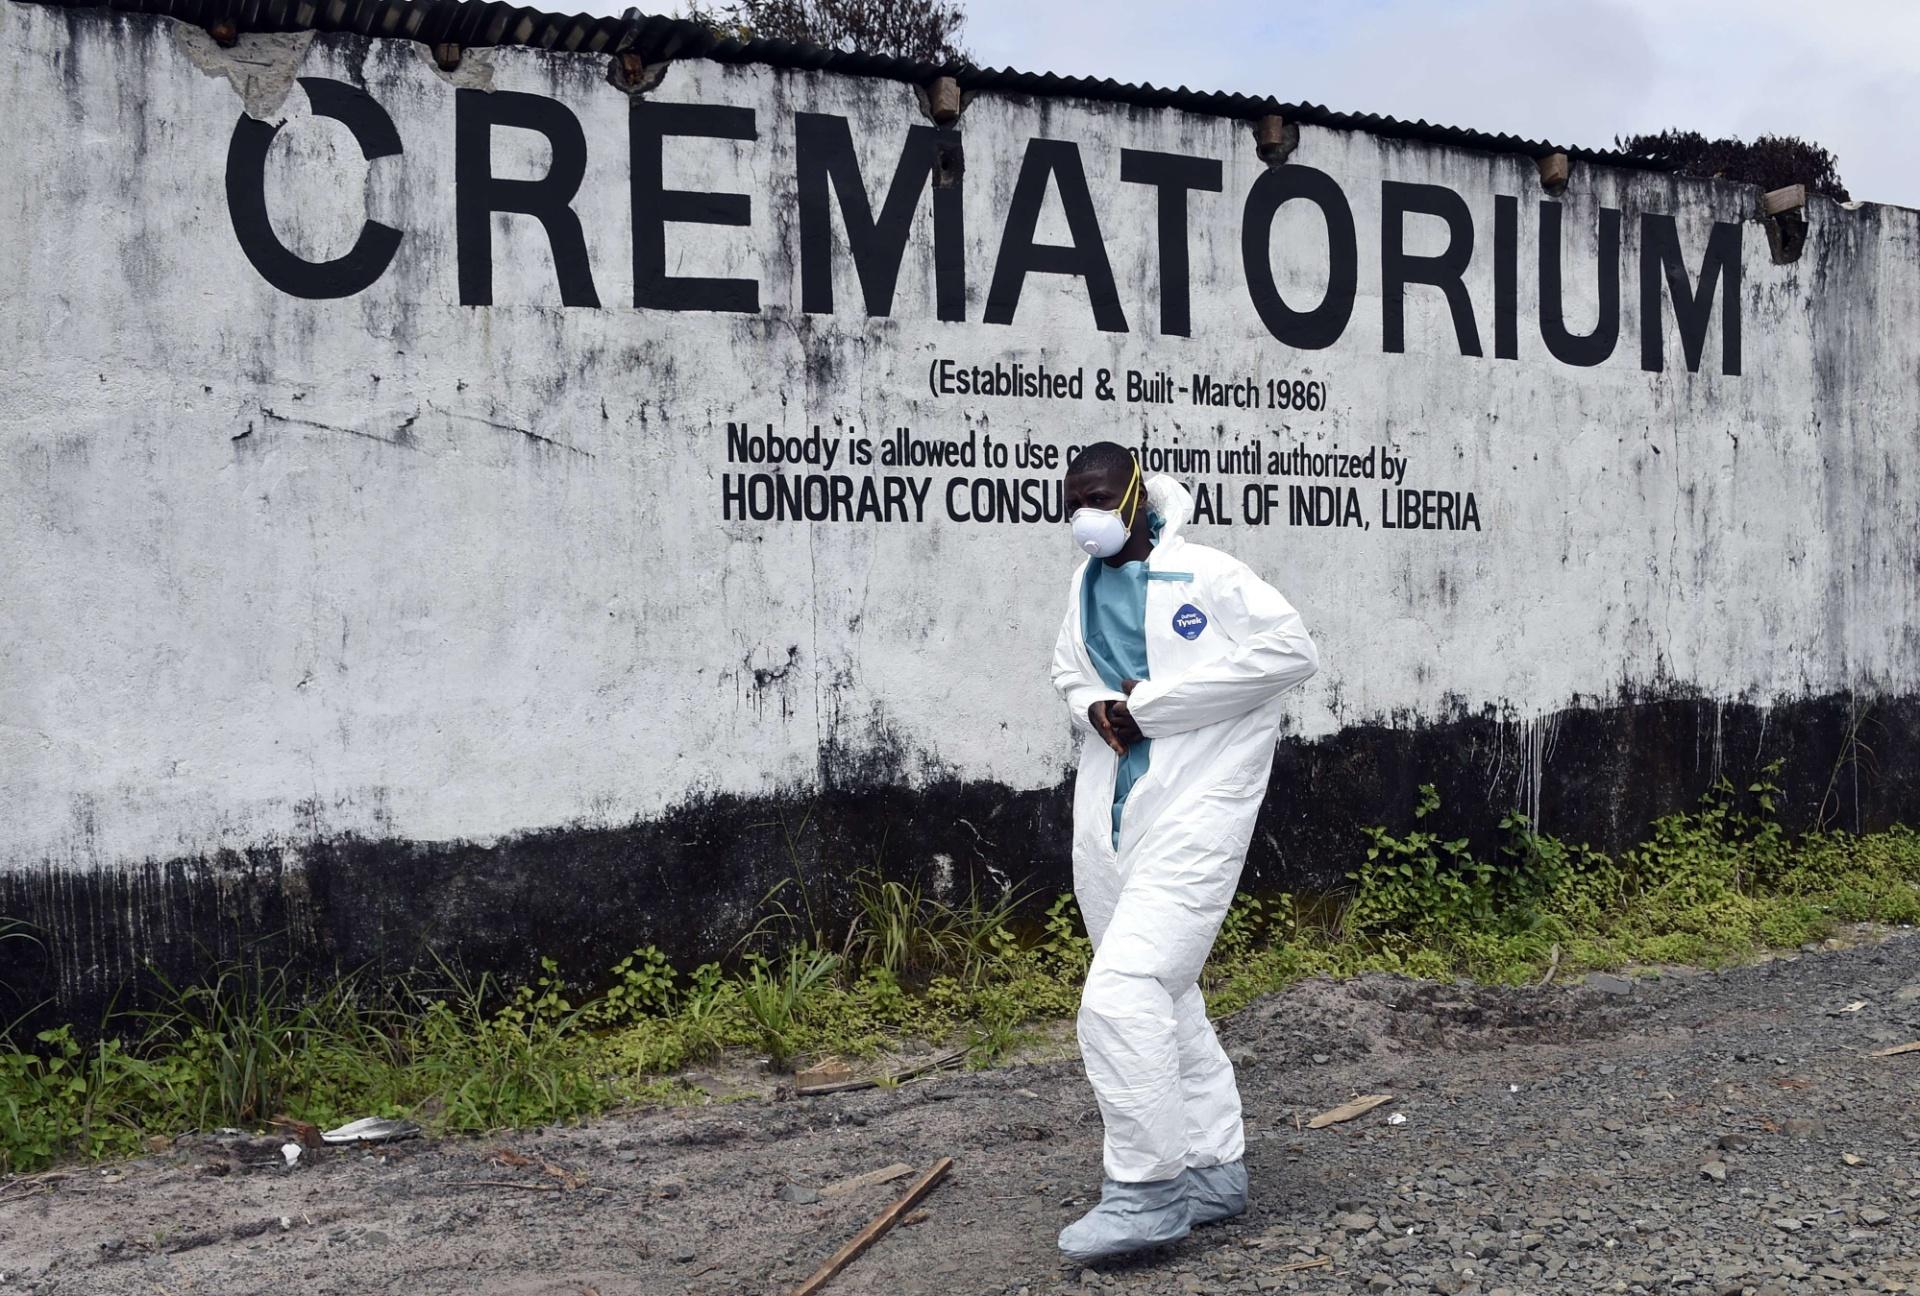 29.set.2014 - Profissional de saúde retira material de proteção individual ao deixar crematório de vítimas do vírus ebola em Monróvia, Libéria. O país é um dos afetados pela epidemia de ebola que atinge também Guiné, Serra Leoa e Nigéria e que já matou mais de 3.000 pessoas em 2014